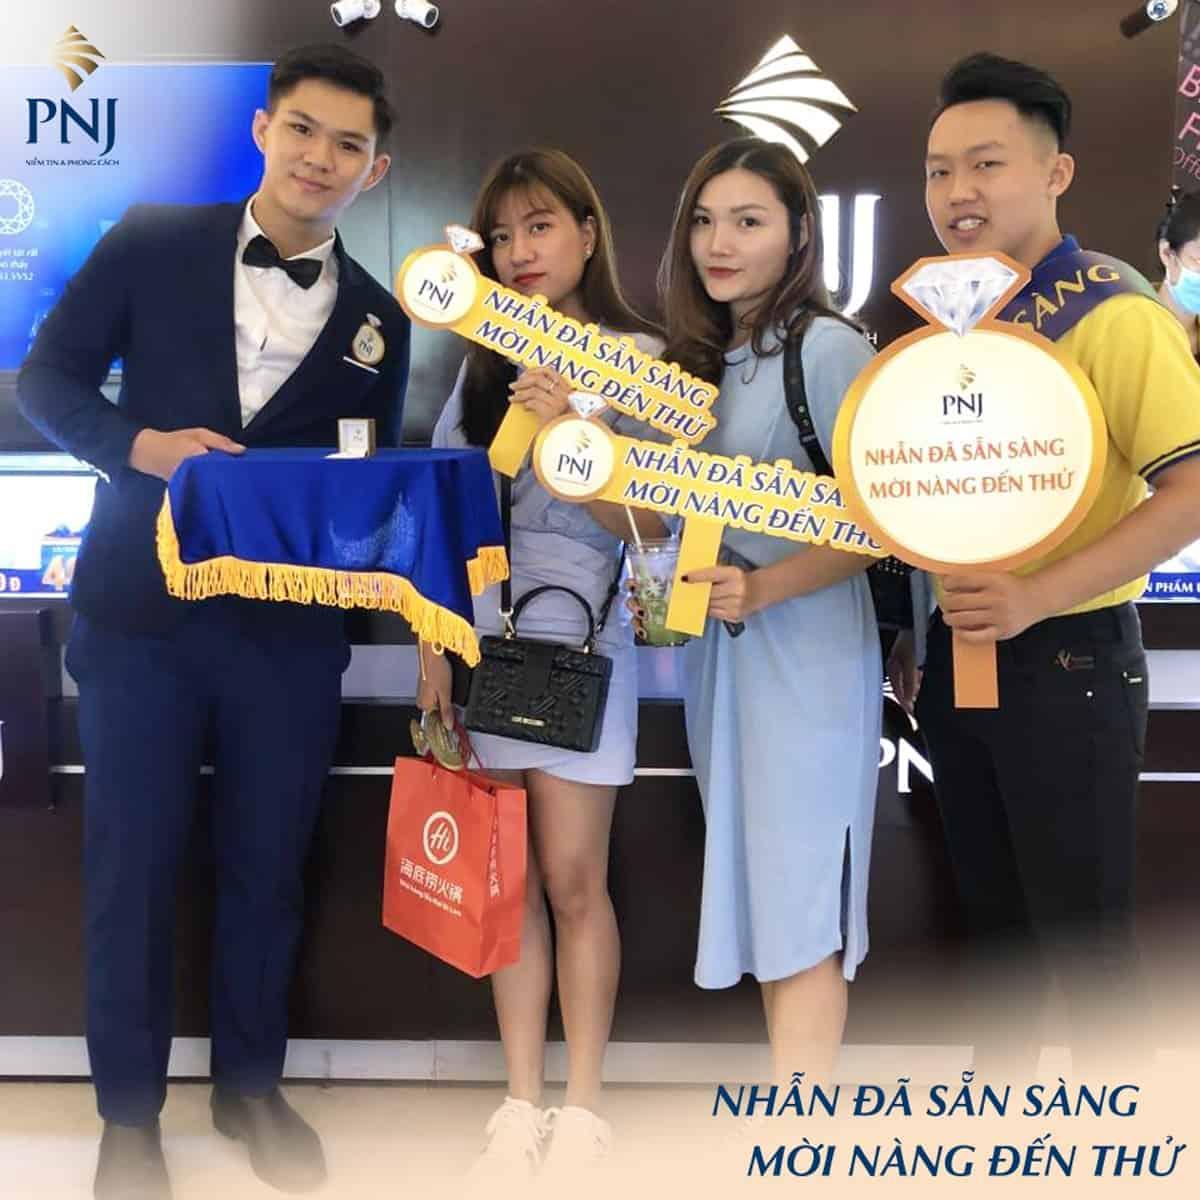 Chương trình ưu đãi Nhẫn Đã Sẵn Sàng, Mời Nàng Đến Thử của PNJ Co.opmart Phan Rí Cửa